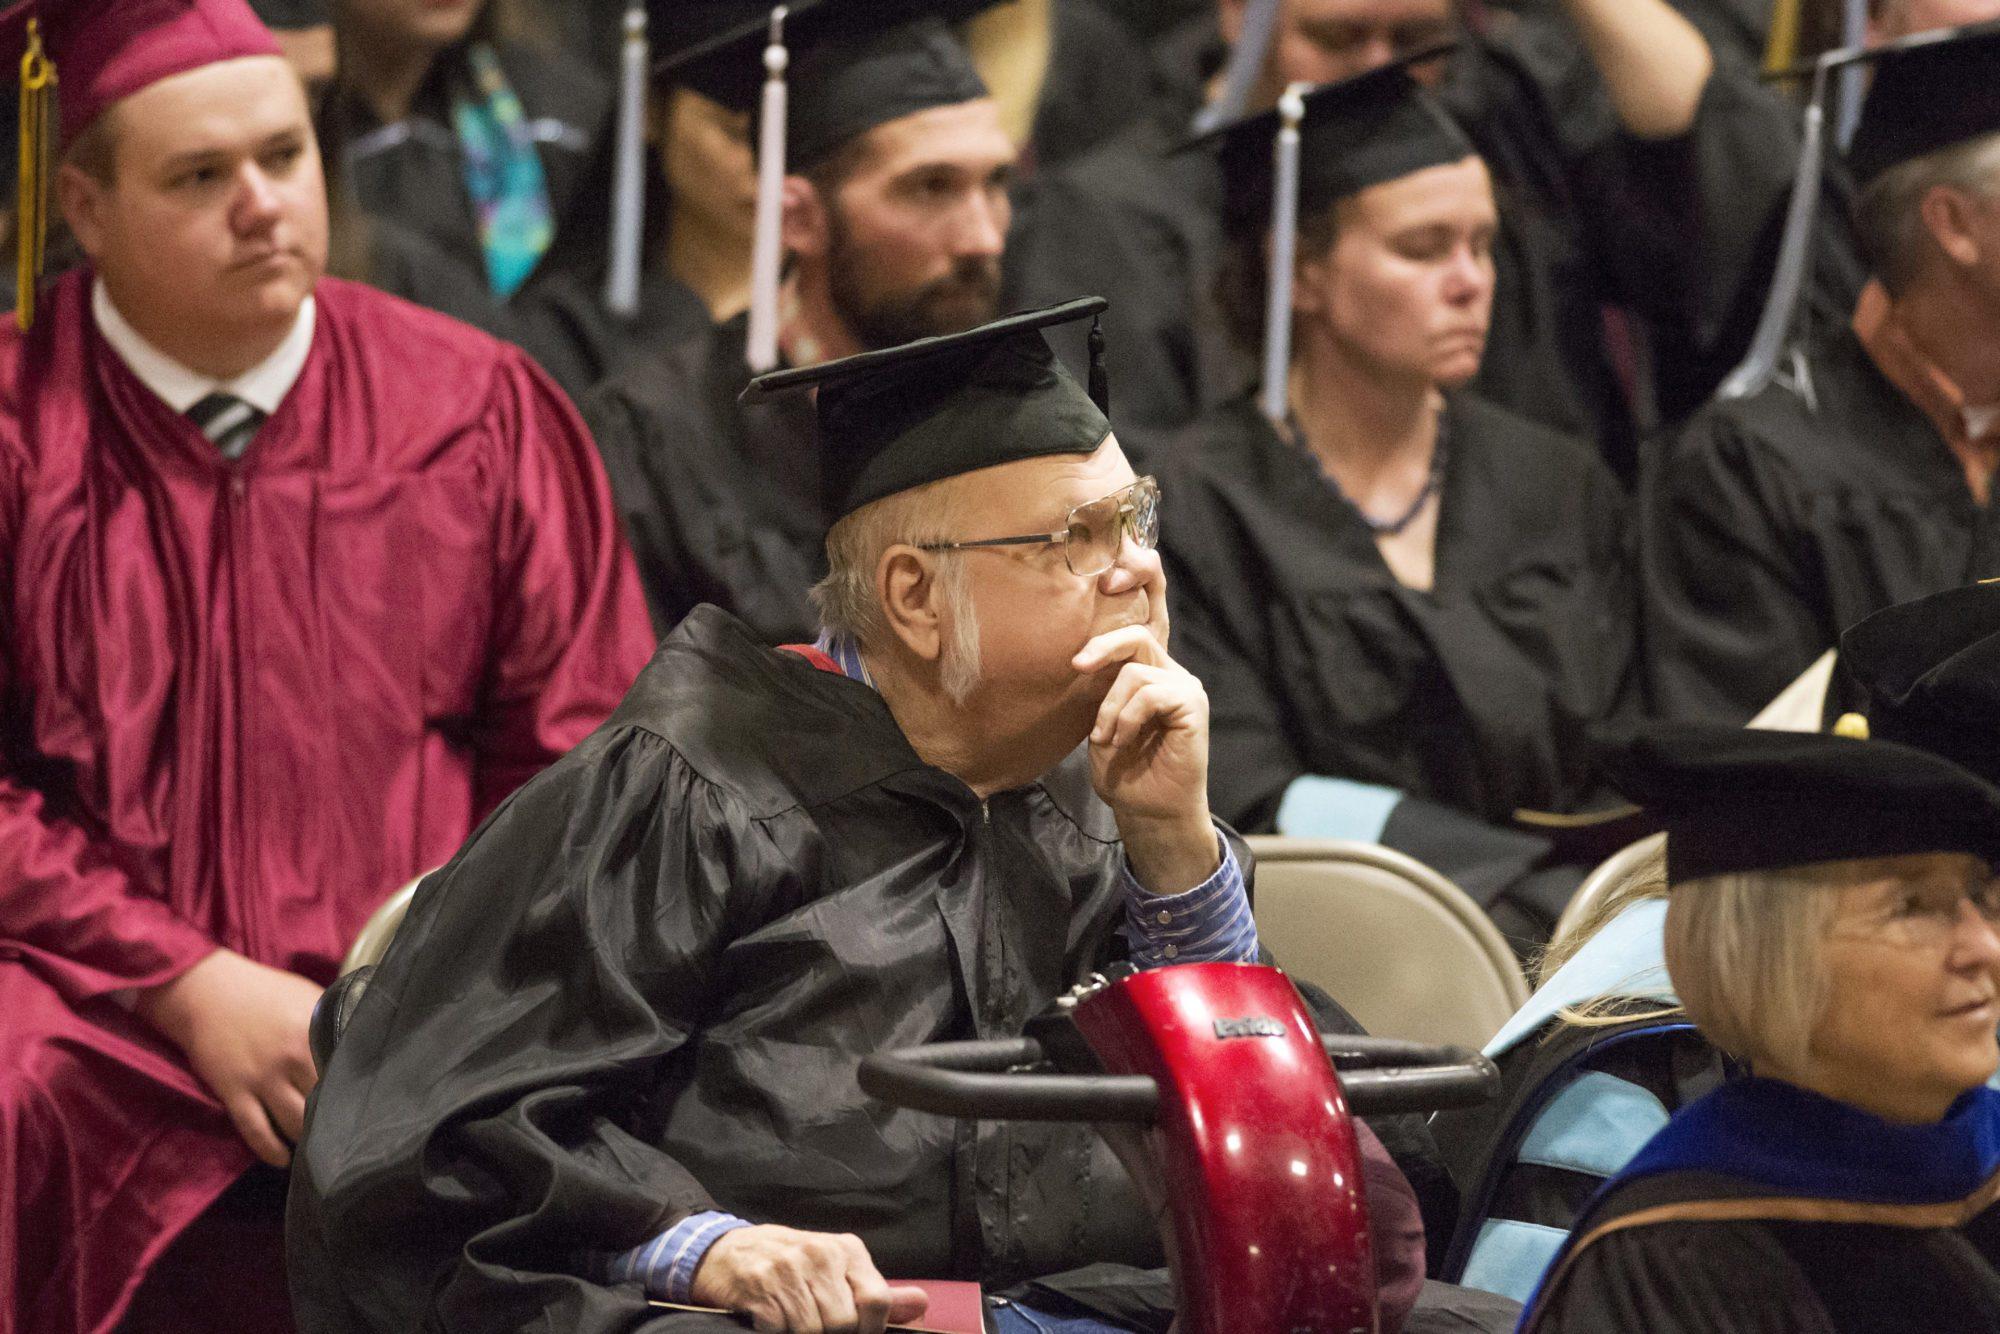 Retiring ag professor looks back on teaching and forward to semi-retirement